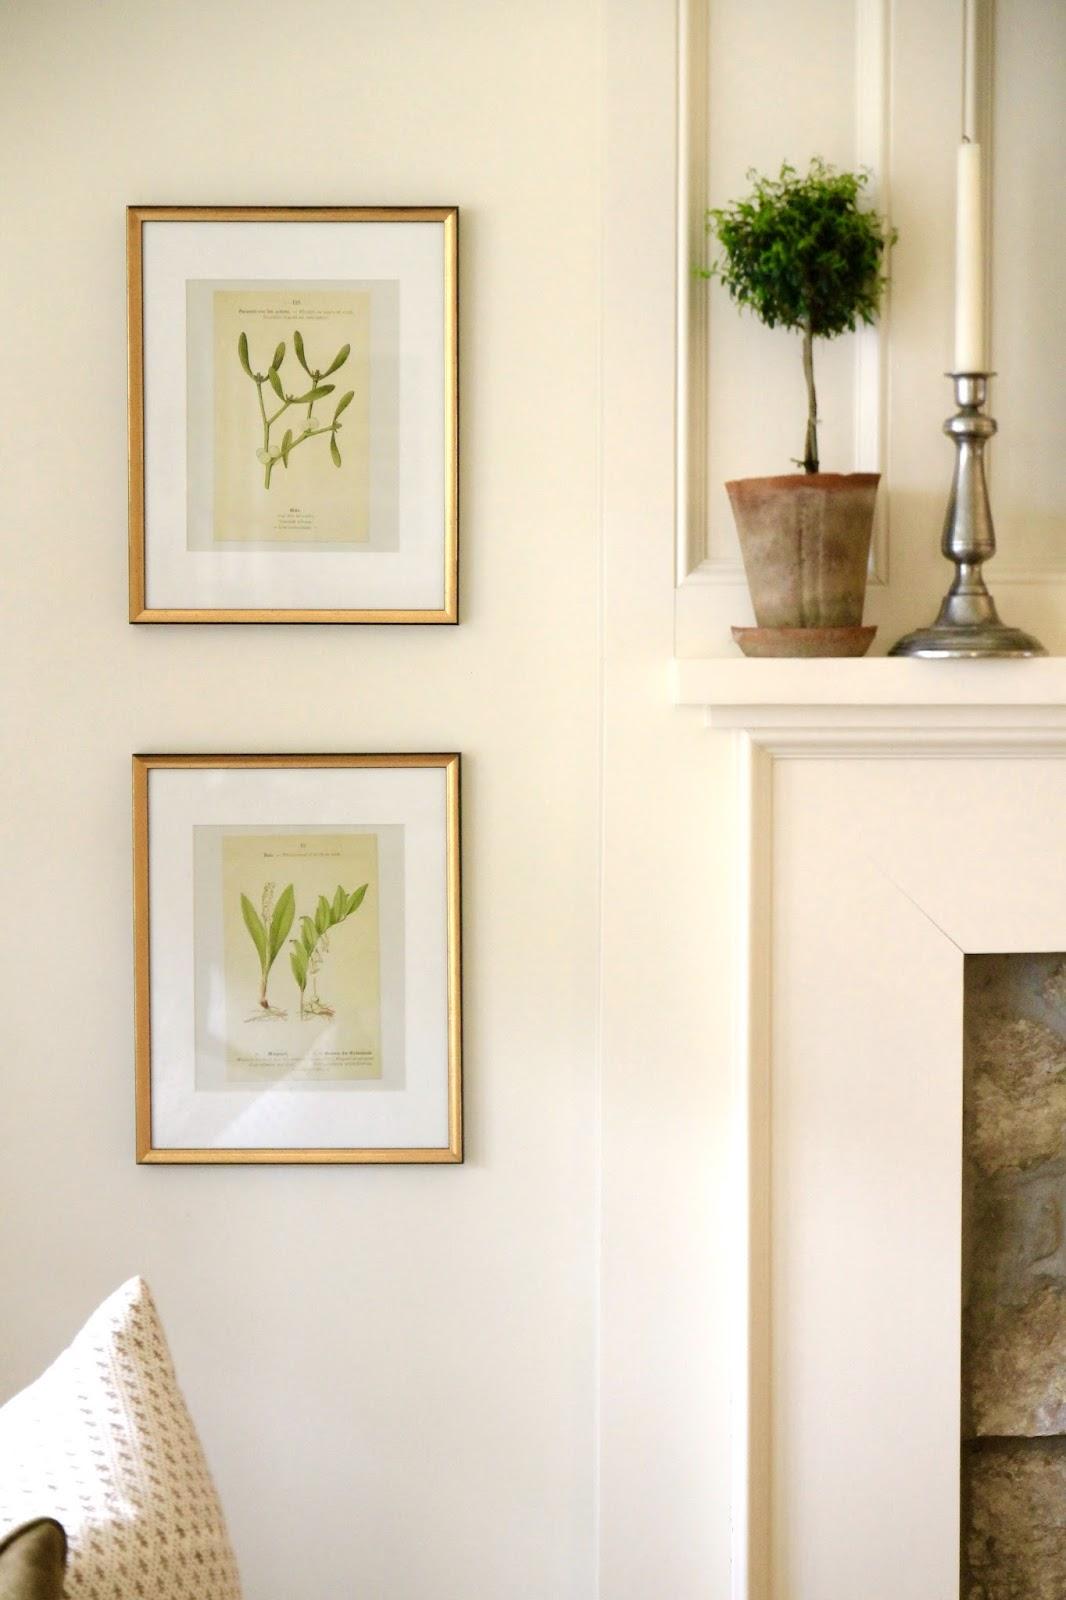 jenny steffens hobick gold leaf frames mat boards botanical